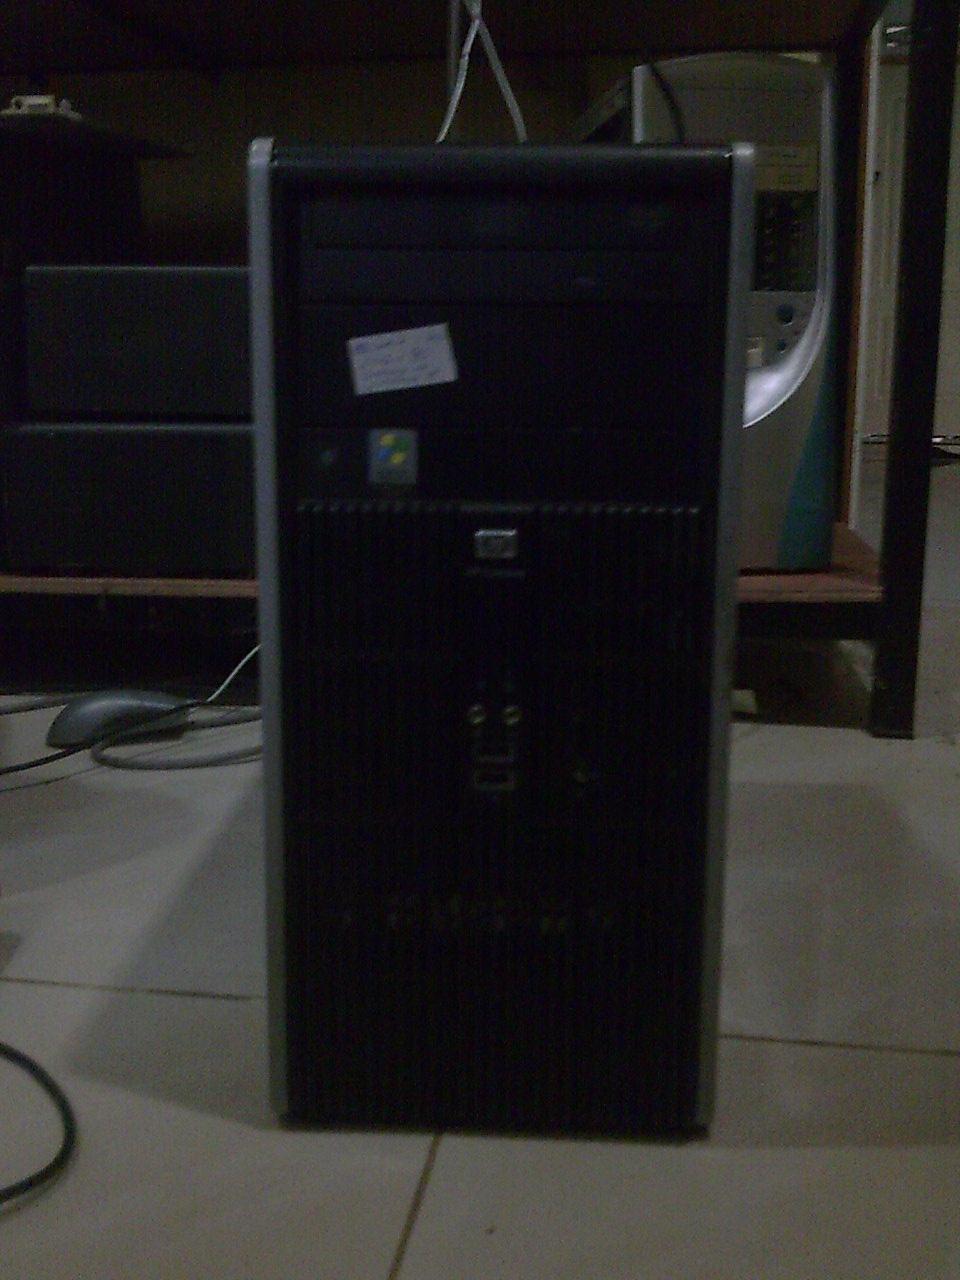 Cpu core 2 duo untuk di jual HP compaq dc5700 murah